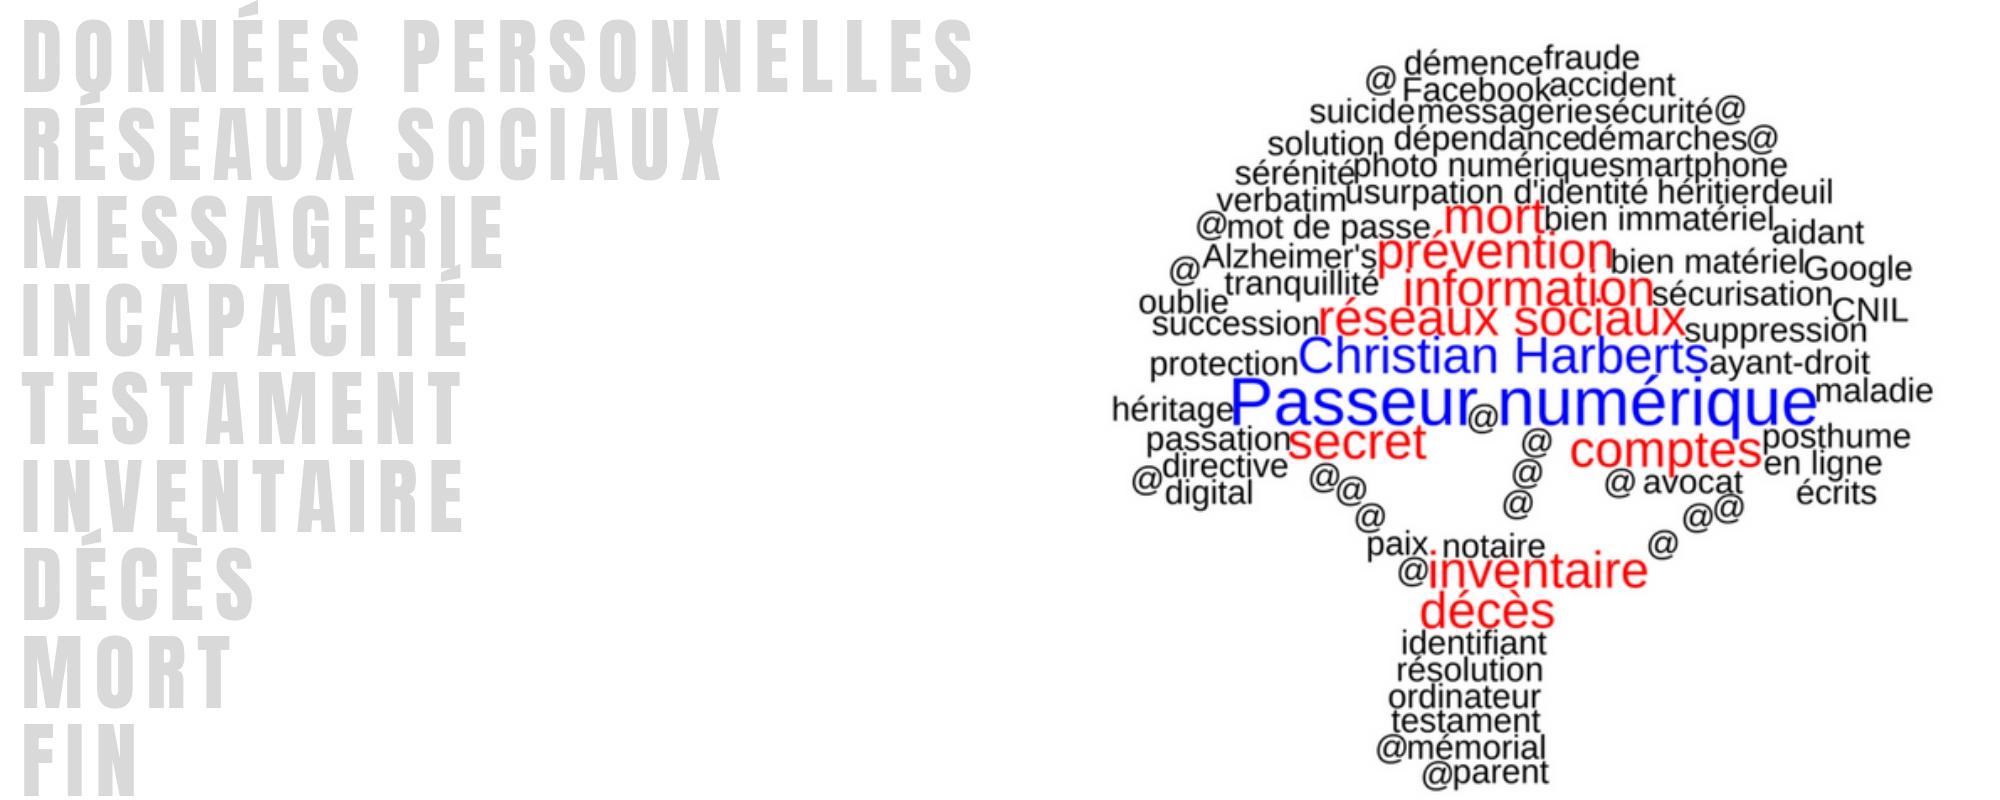 Passeur numérique